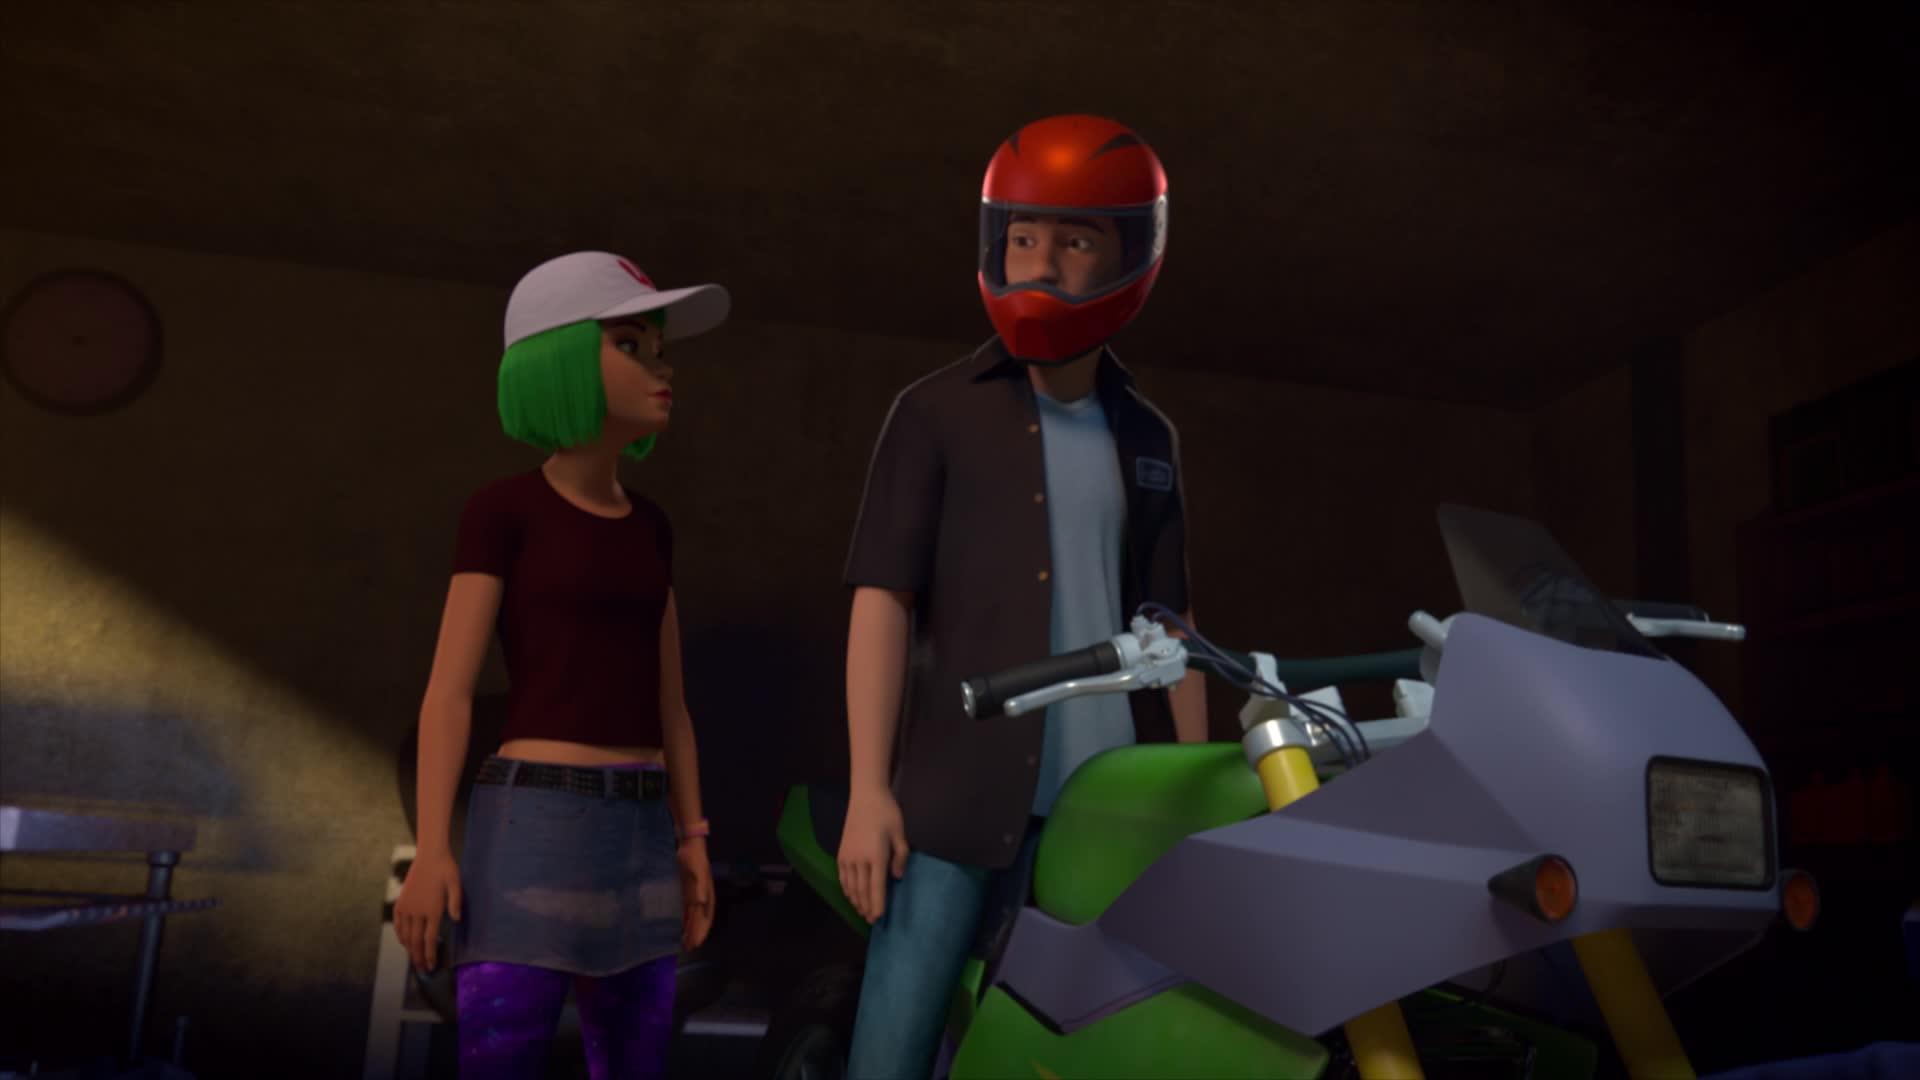 Rychle a zbesile Zavodnici v utajeni S02E04 CZ dabing HD 1080p